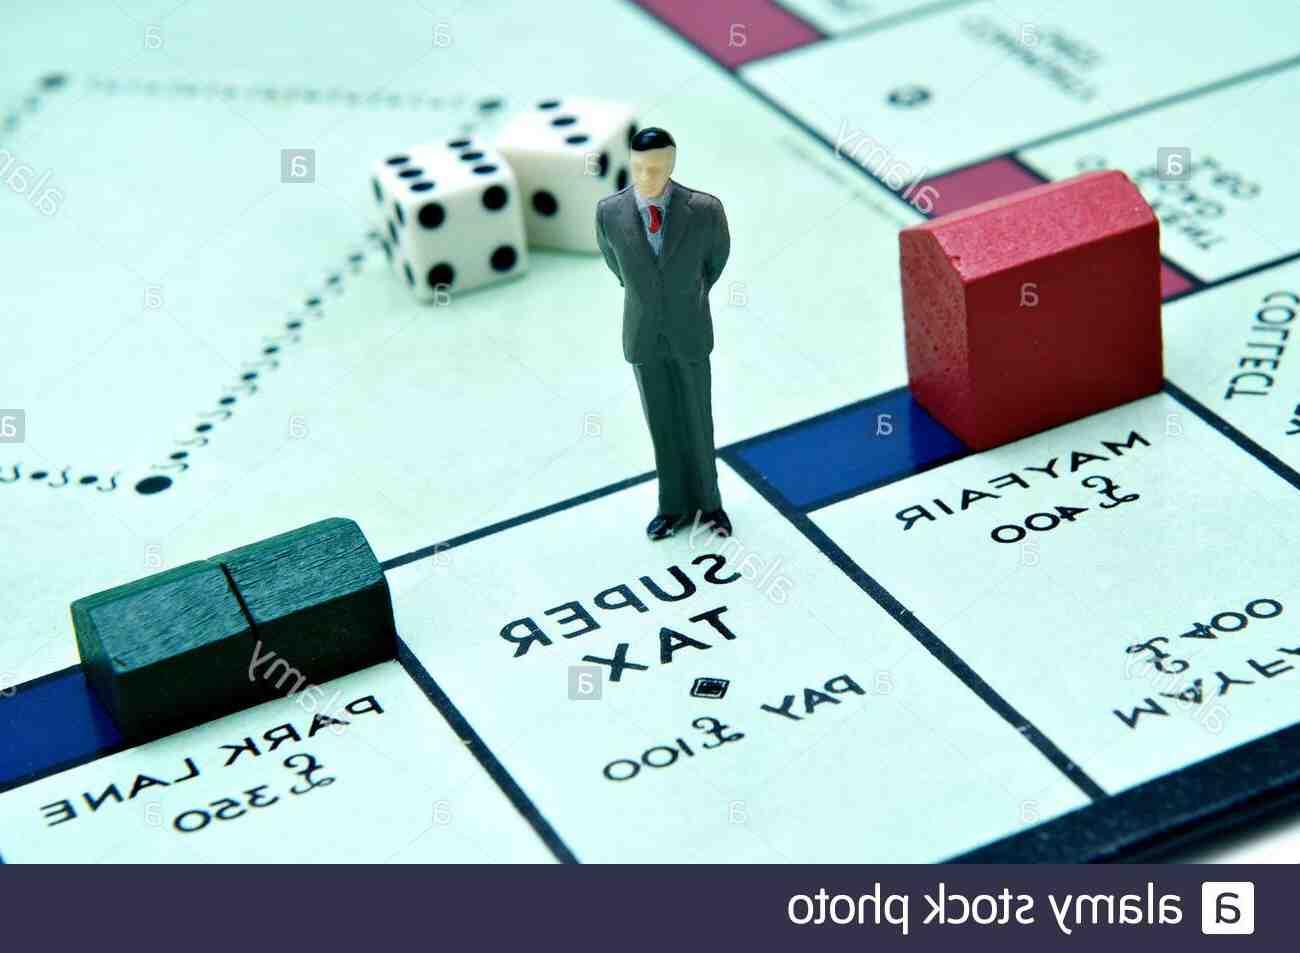 taxe sur les jeux d'argent au Royaume-Uni